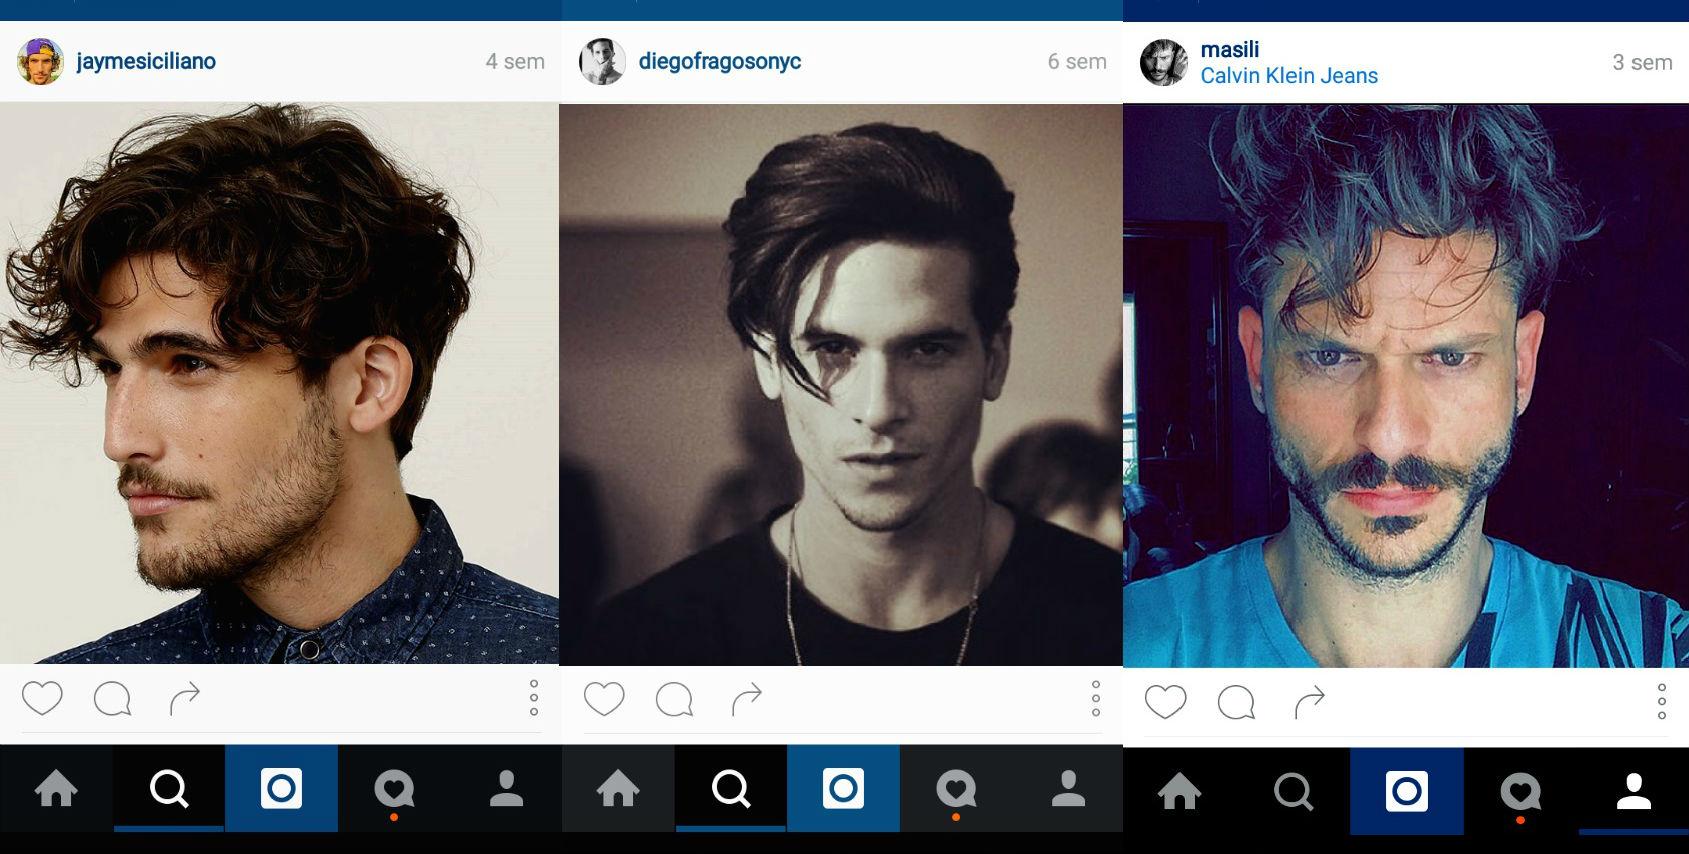 Homem No Espelho - cabelos do Instagram 4.